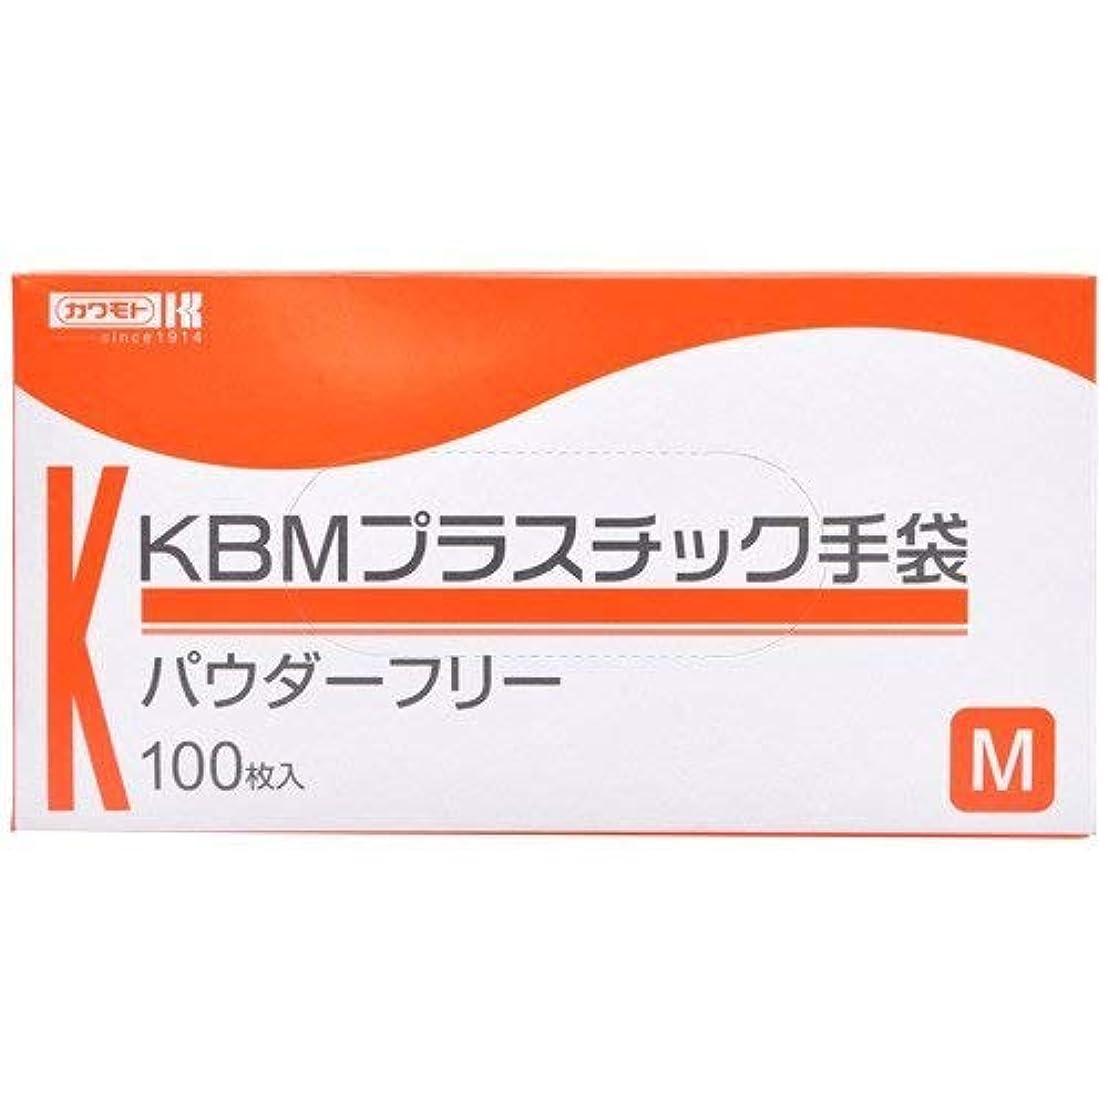 川本産業 KBMプラスチック手袋 パウダーフリー M 100枚入 ×2個